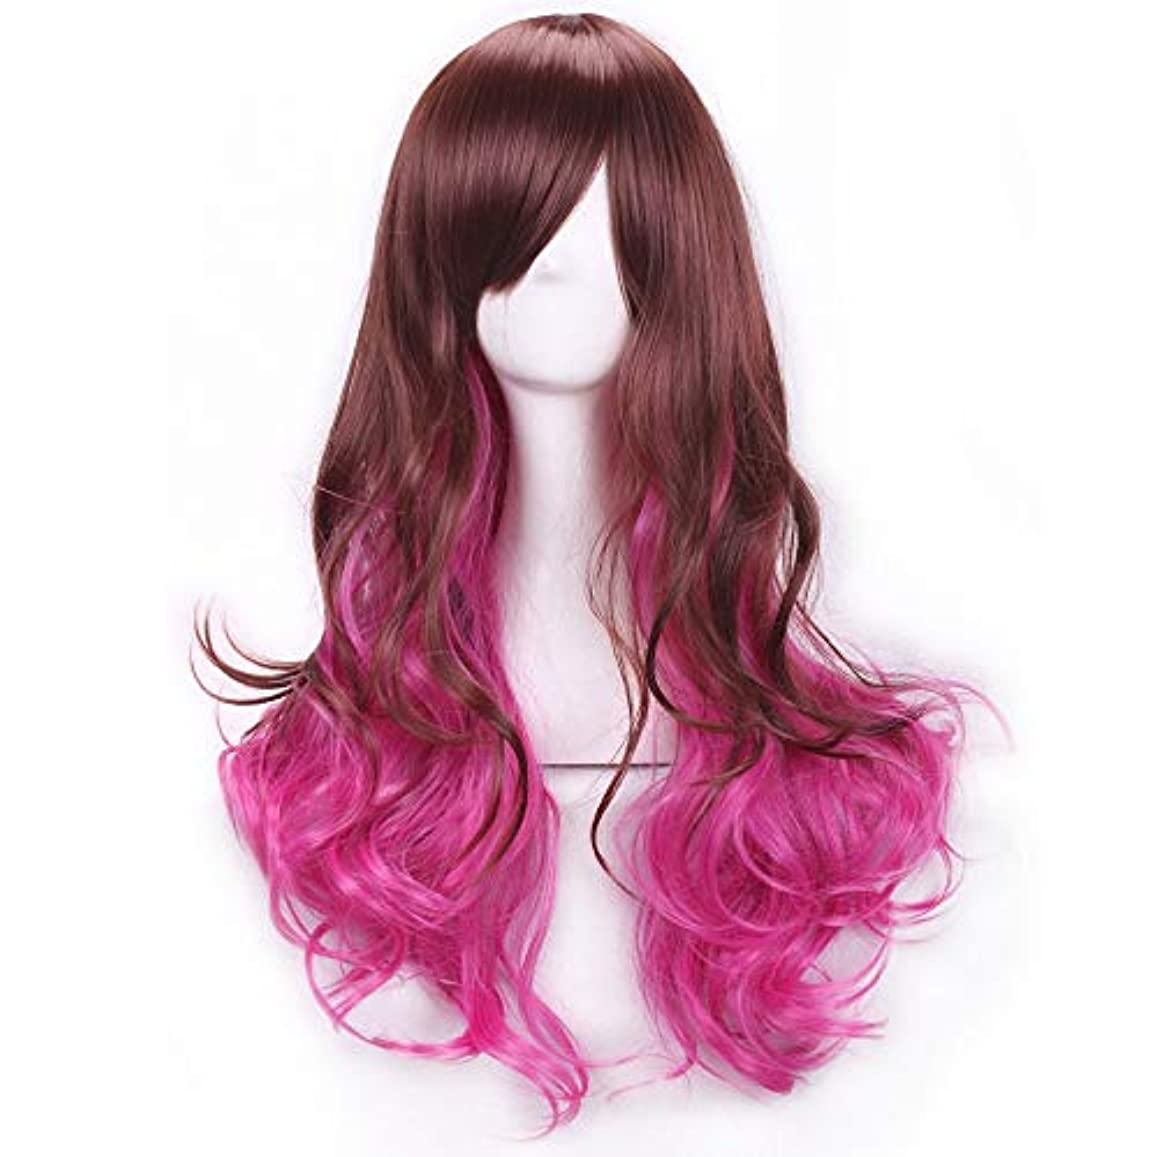 郵便局のために状かつらキャップでかつらファンシードレスカールかつら女性用高品質合成毛髪コスプレ高密度かつら女性&女の子用ブラウン、ピンク、パープル (Color : ピンク)